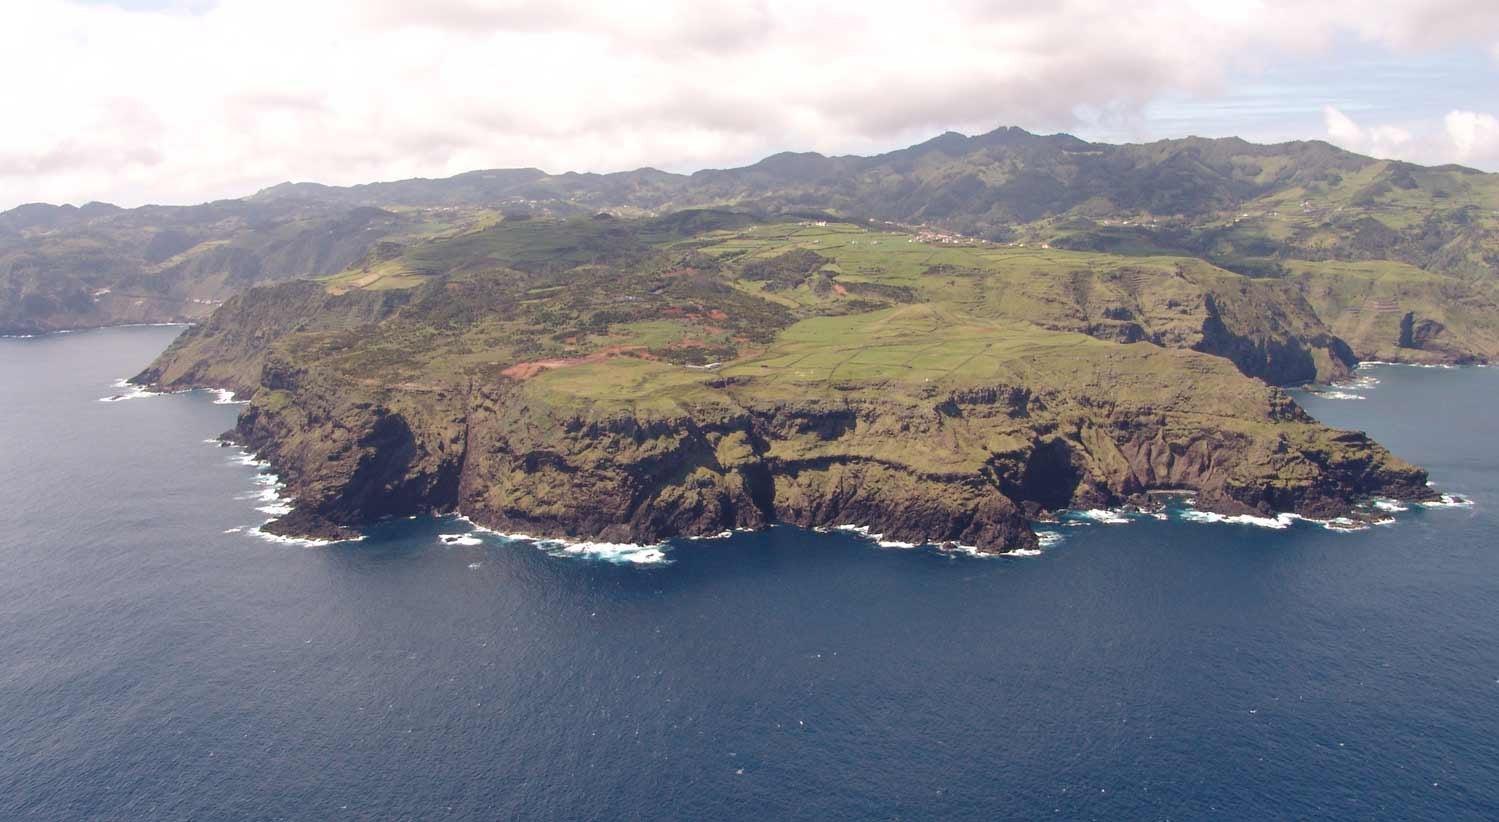 Por que continua a ilha de Santa Maria a erguer-se acima dos fundos marinhos